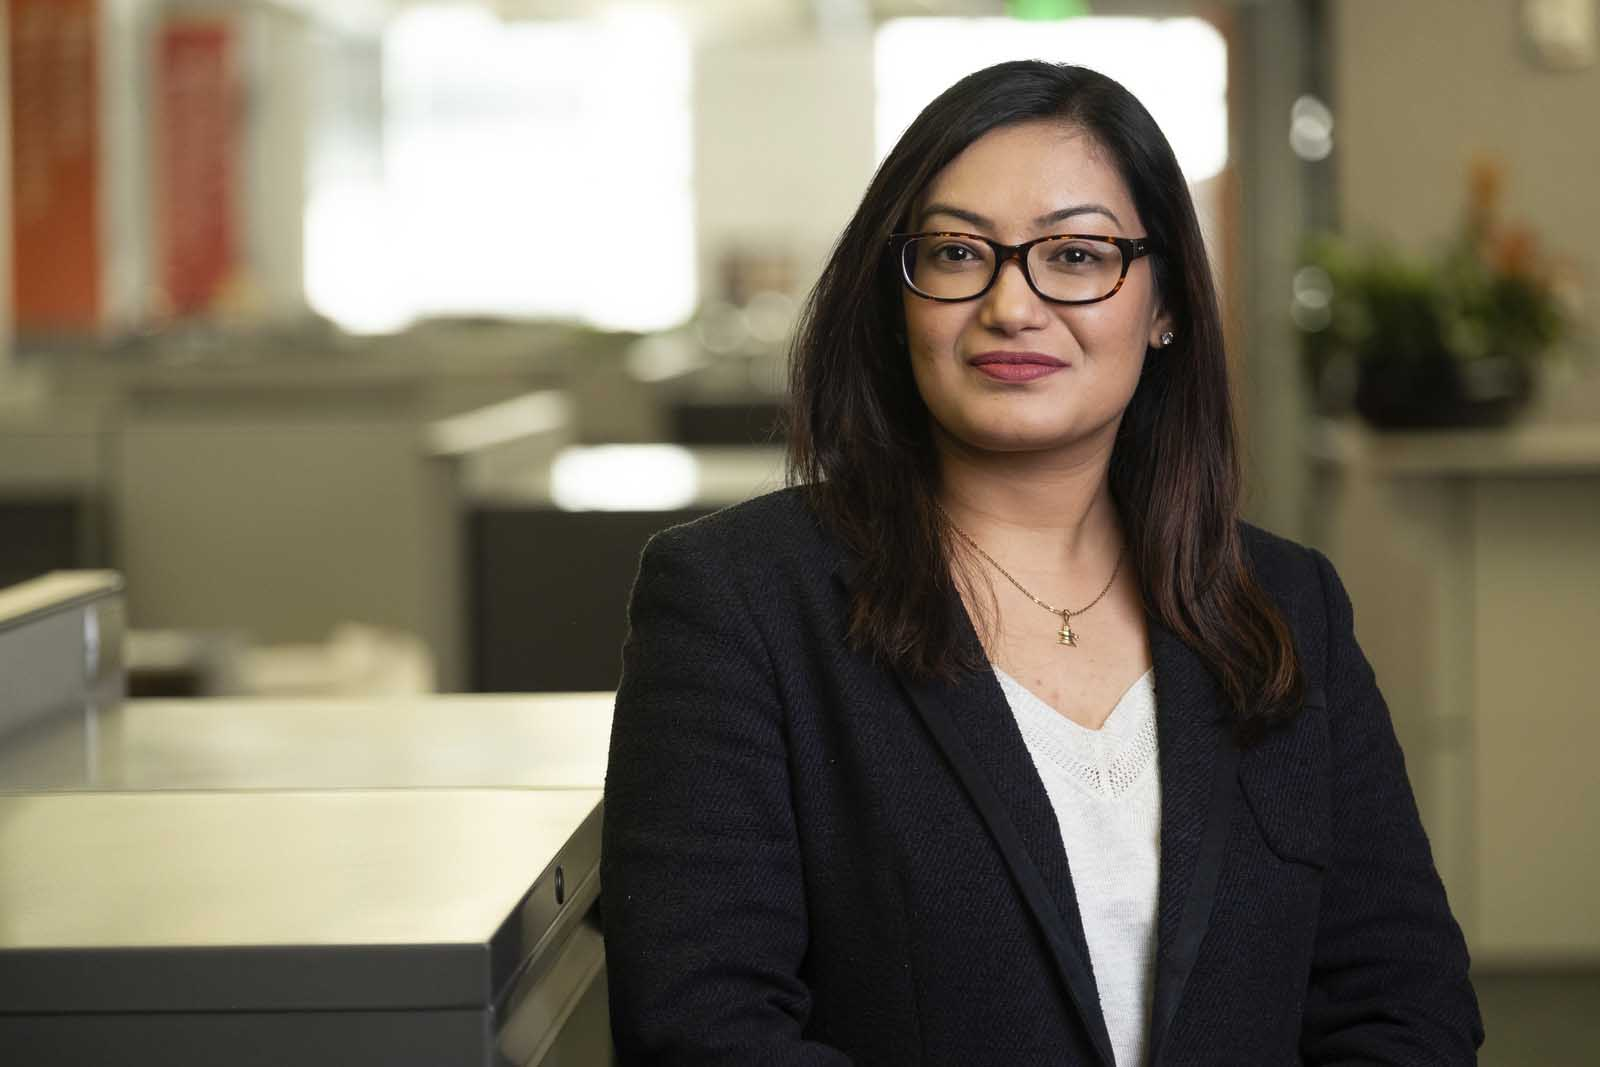 Anindita Mukherjee